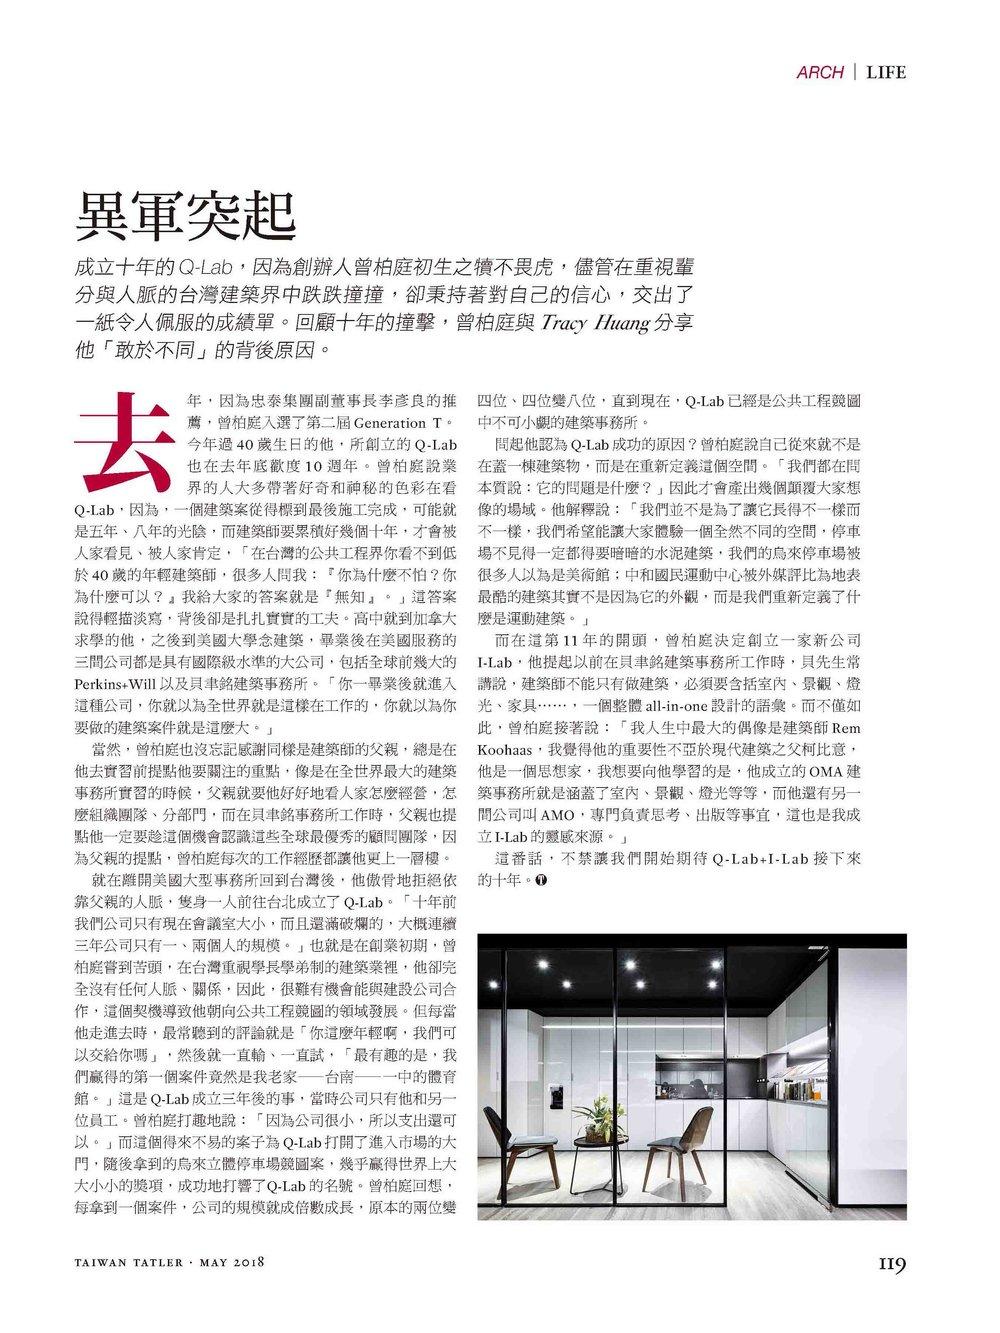 p118-119_頁面_2.jpg